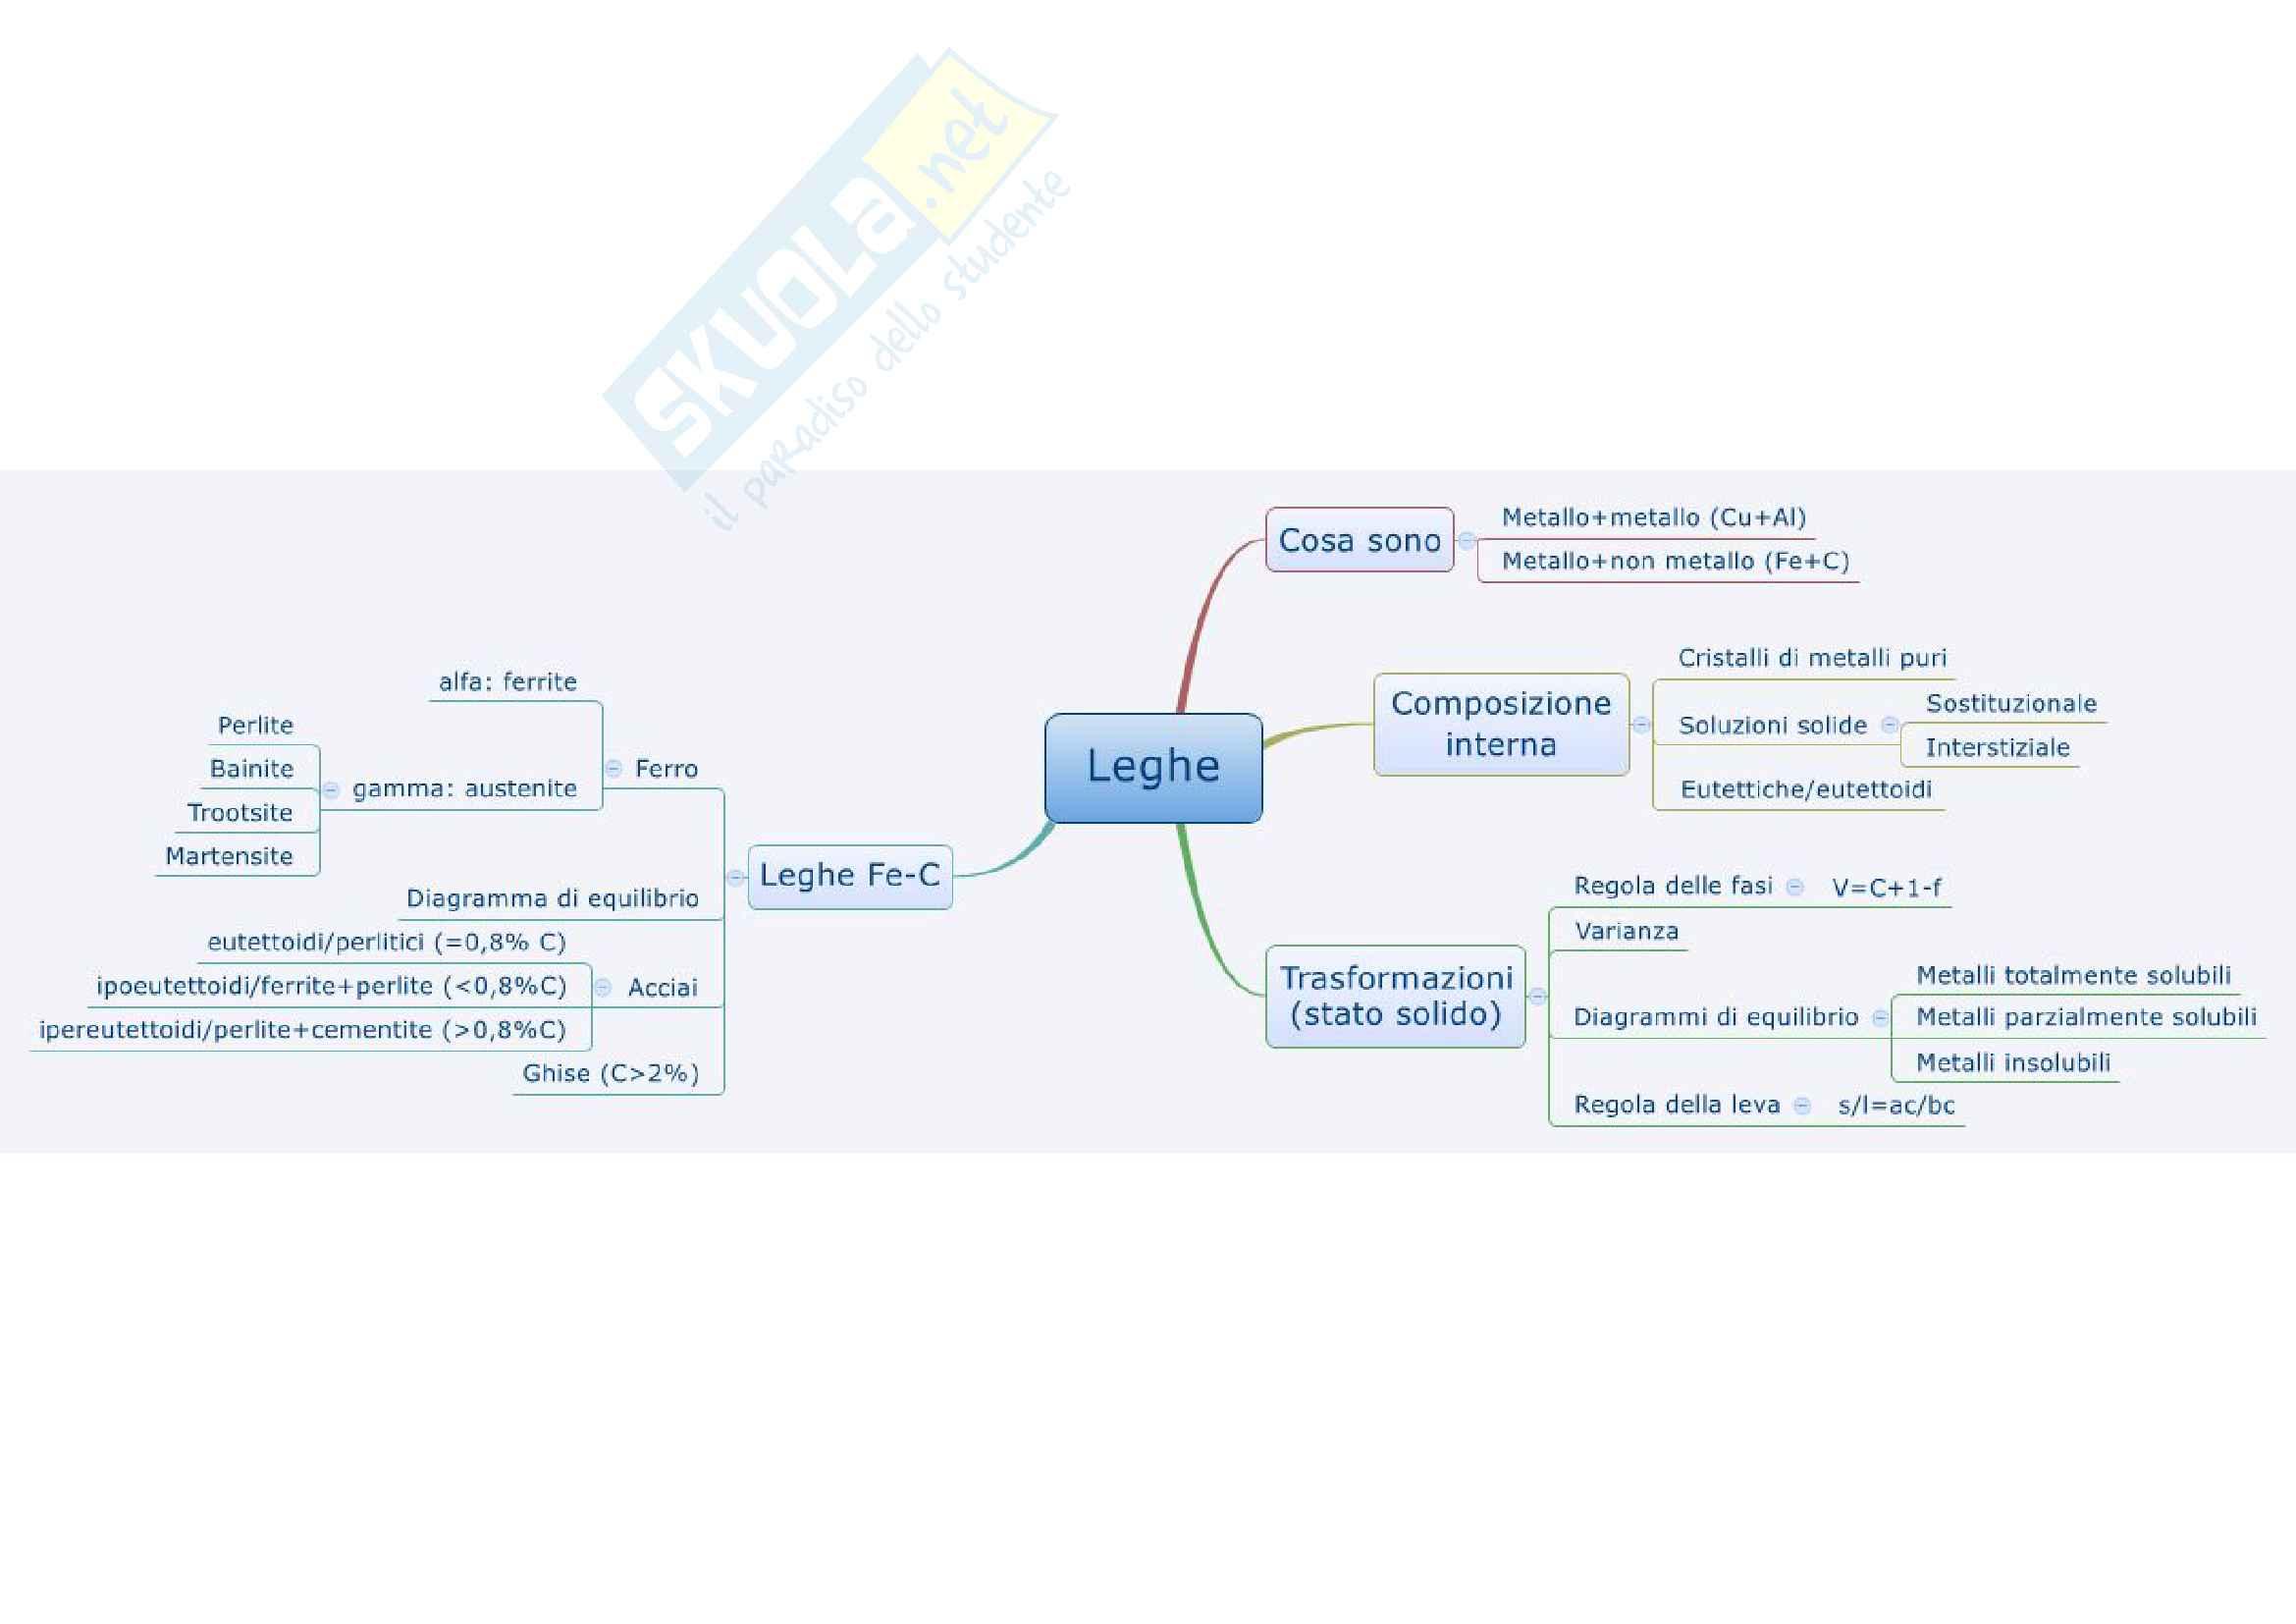 Chimica e Tecnologia dei Materiali - Mappe Concettuali Pag. 2